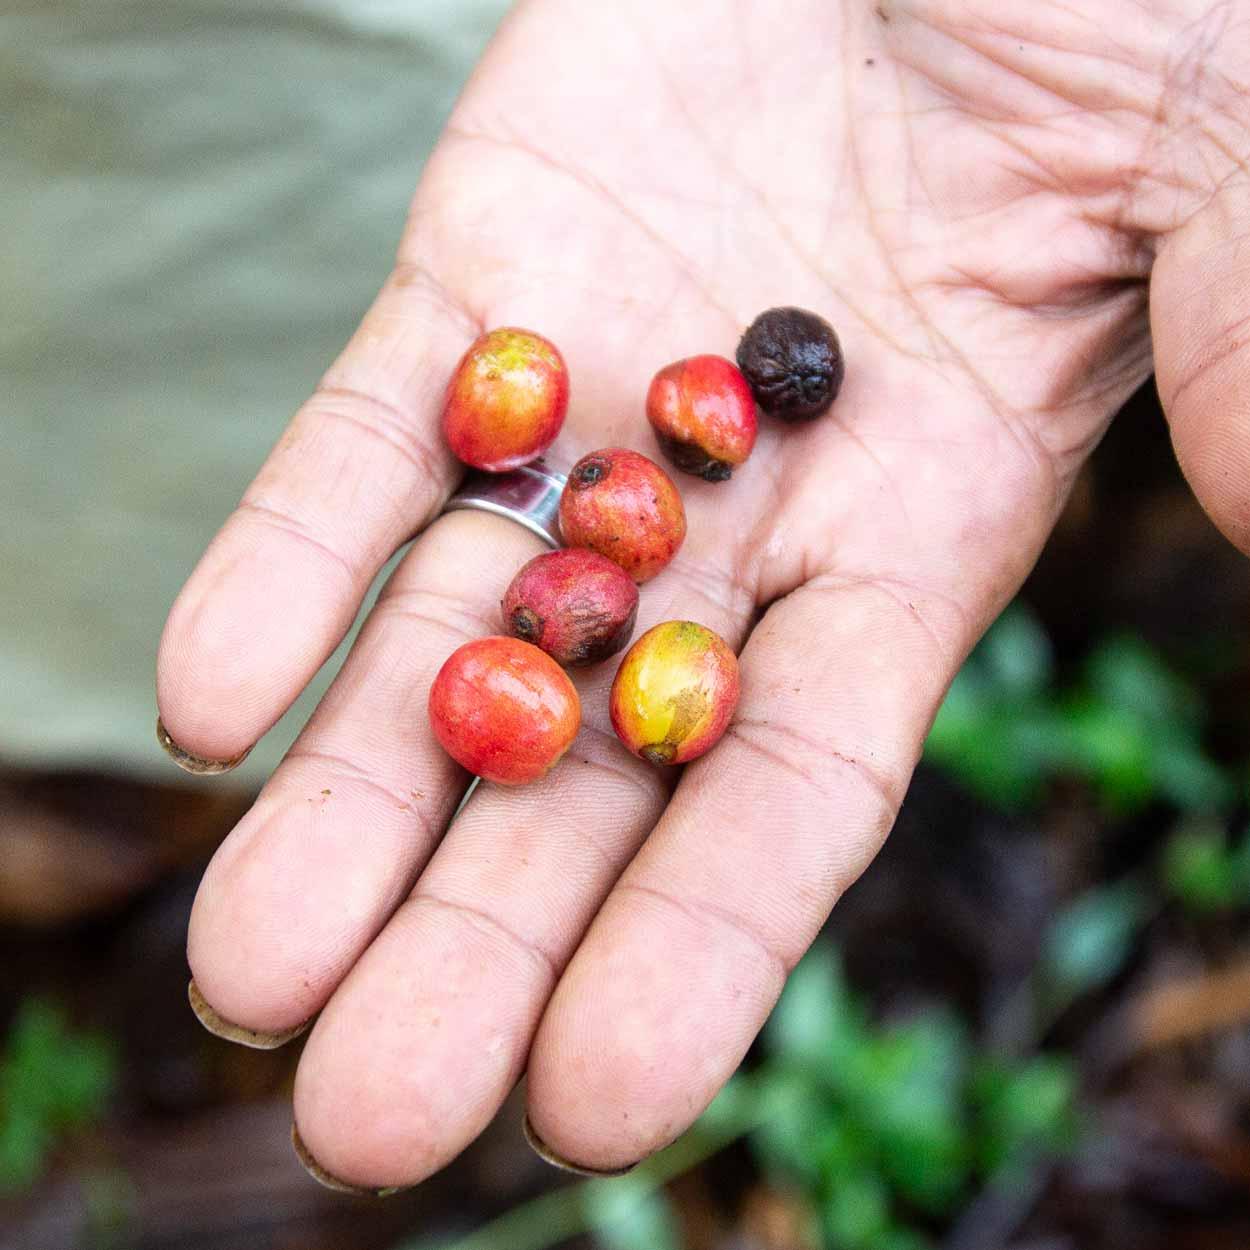 Kaffee-Ernte: Reife und unreife Früchte